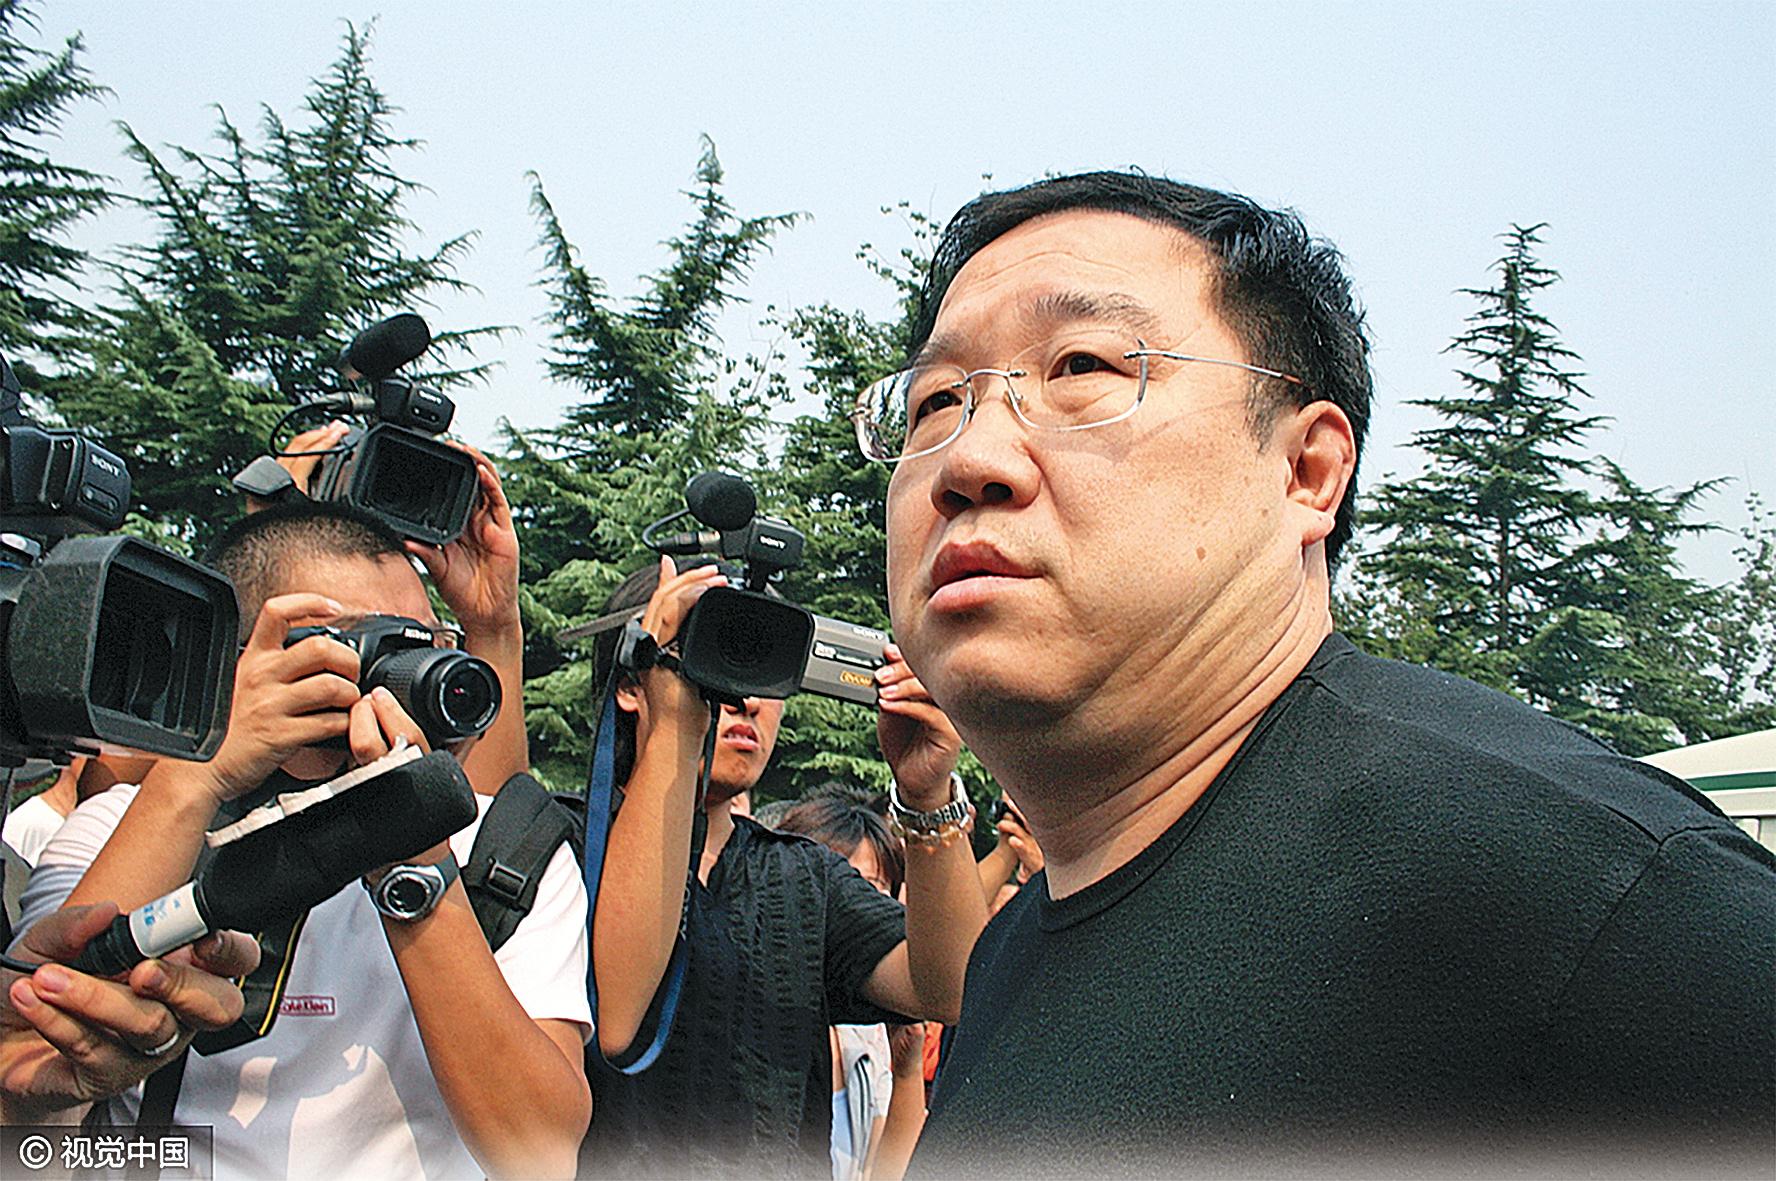 涉嫌逃稅和洗錢,中國導演英達在美被逮捕。(大紀元資料室)